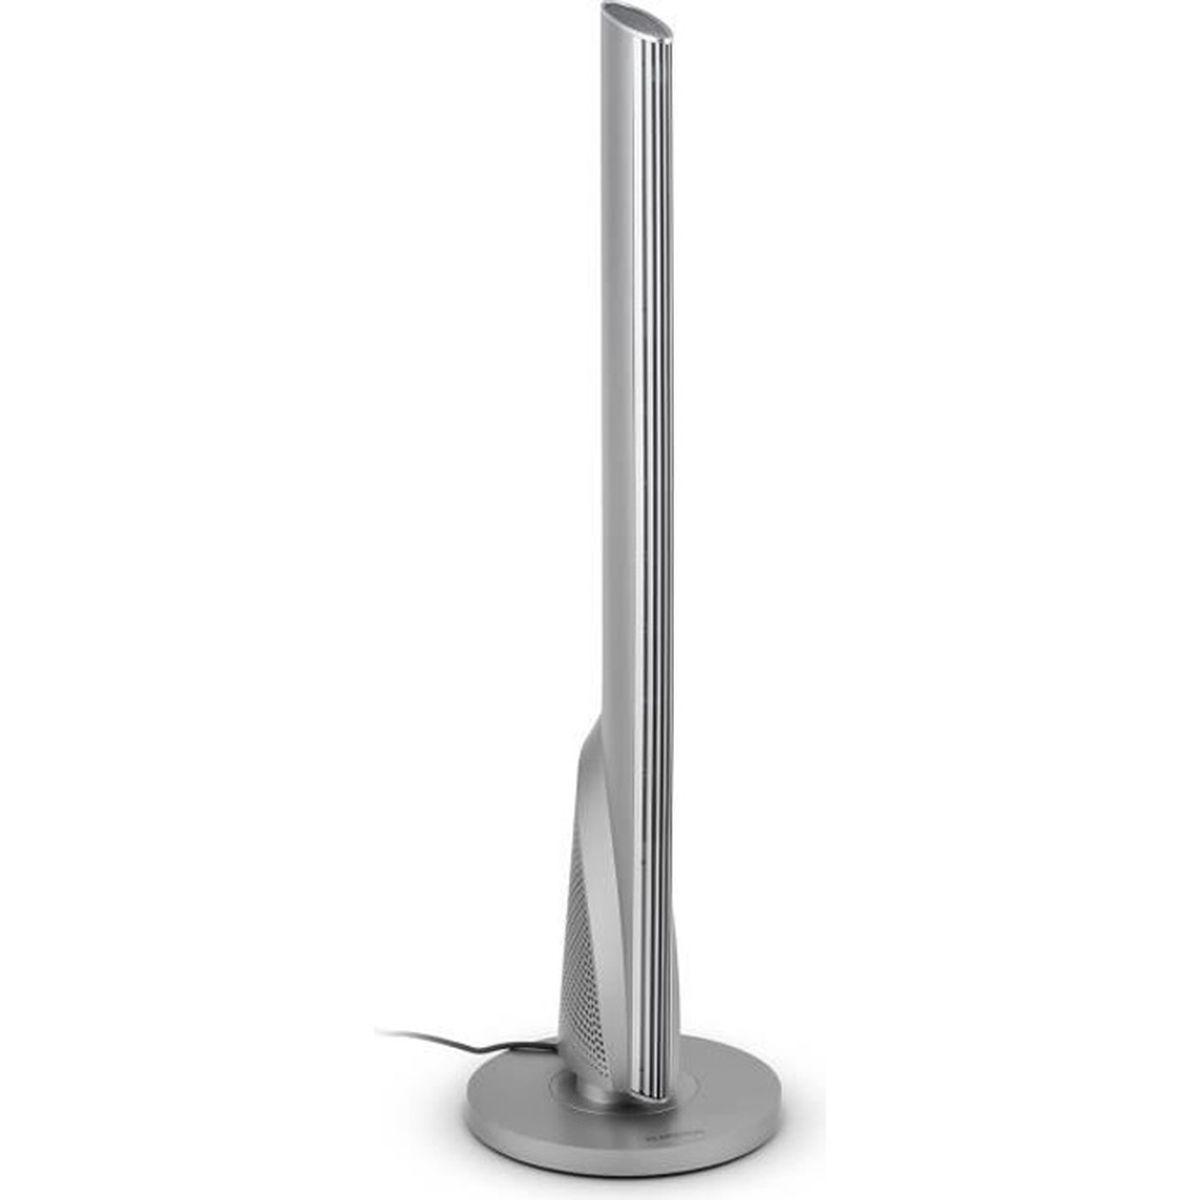 RADIATEUR D'APPOINT Klarstein Skyscraper Heat - Radiateur colonne en c